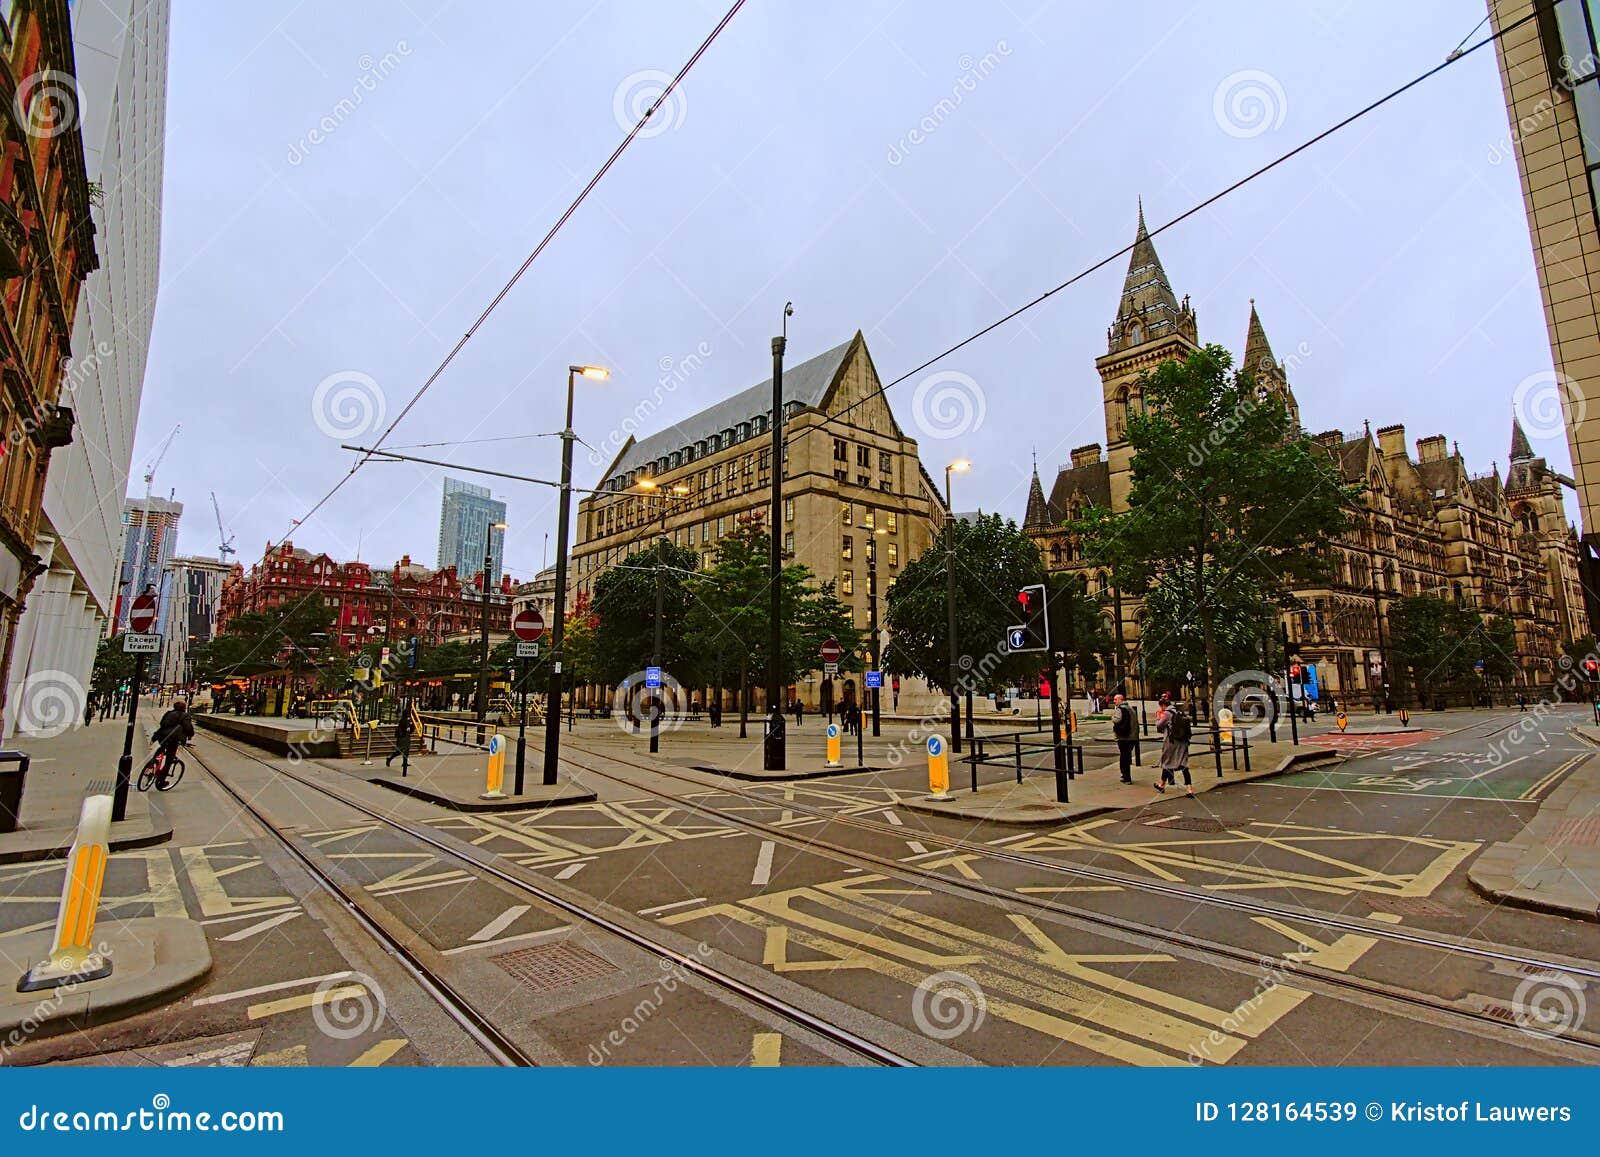 Manchester-Rathaus und Rats-Kundendienst-Mitte